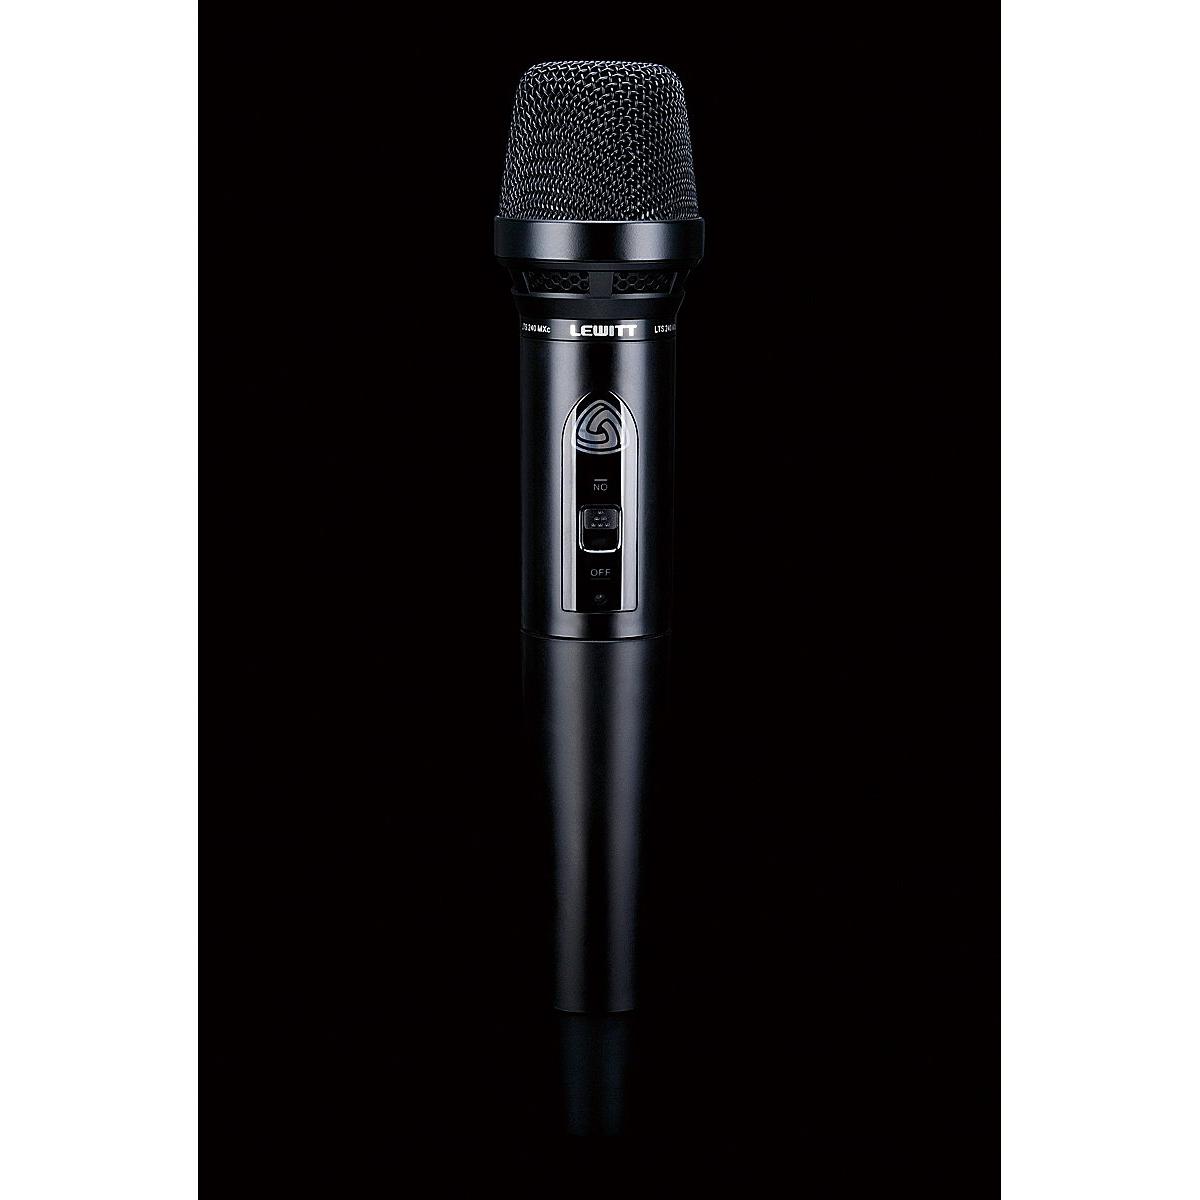 Lewitt LTS 240 Diversity D Trådlös dynamisk mikrofon